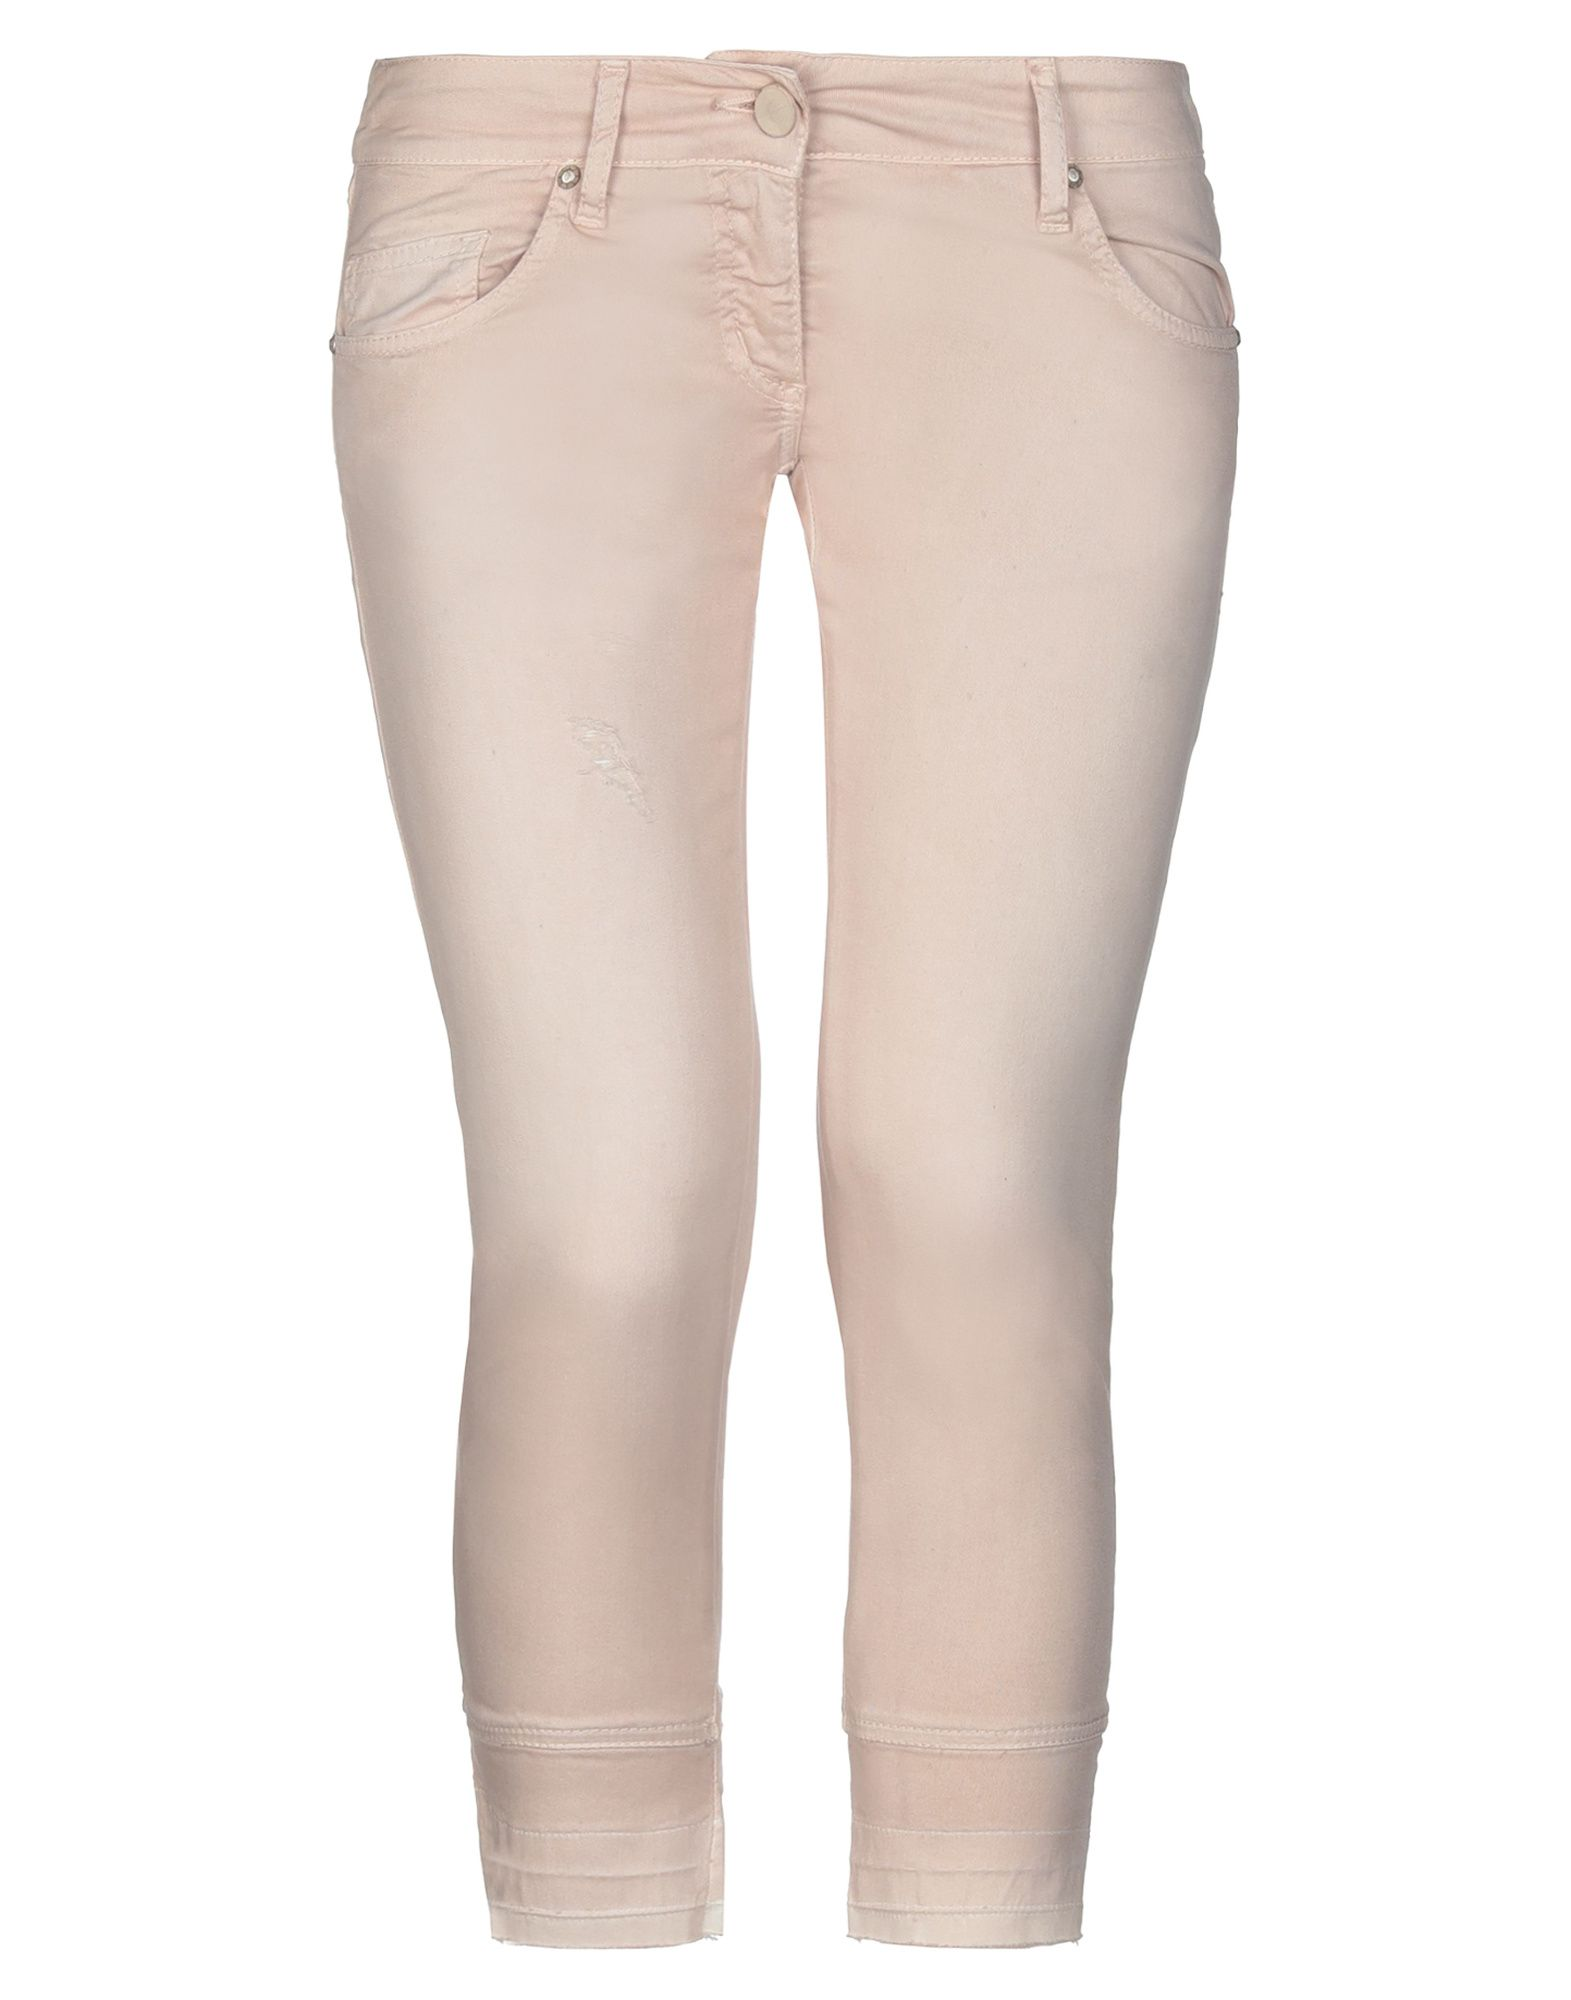 Фото - BETTY BLUE Джинсовые брюки-капри betty blue брюки капри